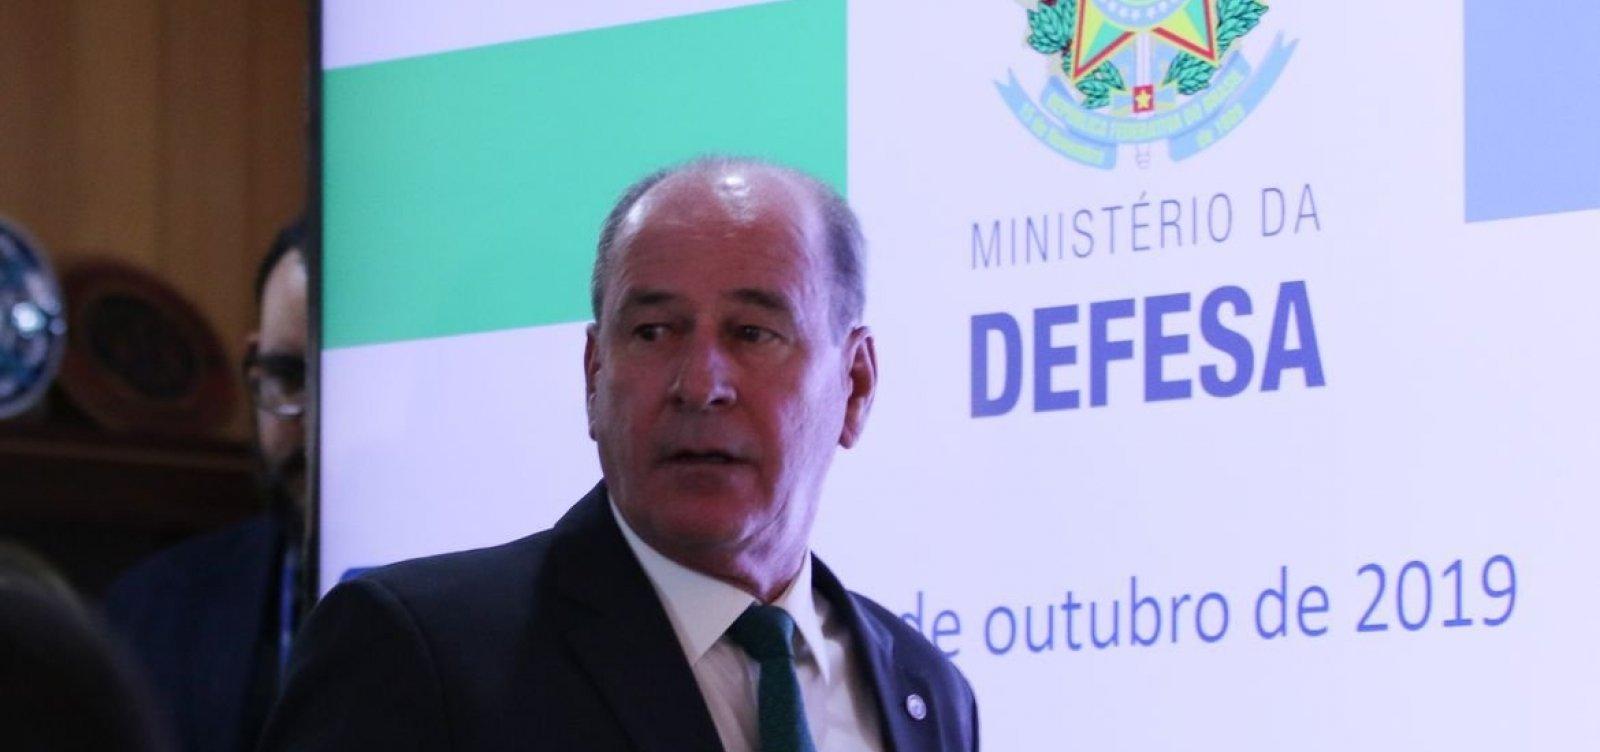 [Fernando Azevedo e Silva, ministro da Defesa, anuncia que deixa o cargo]